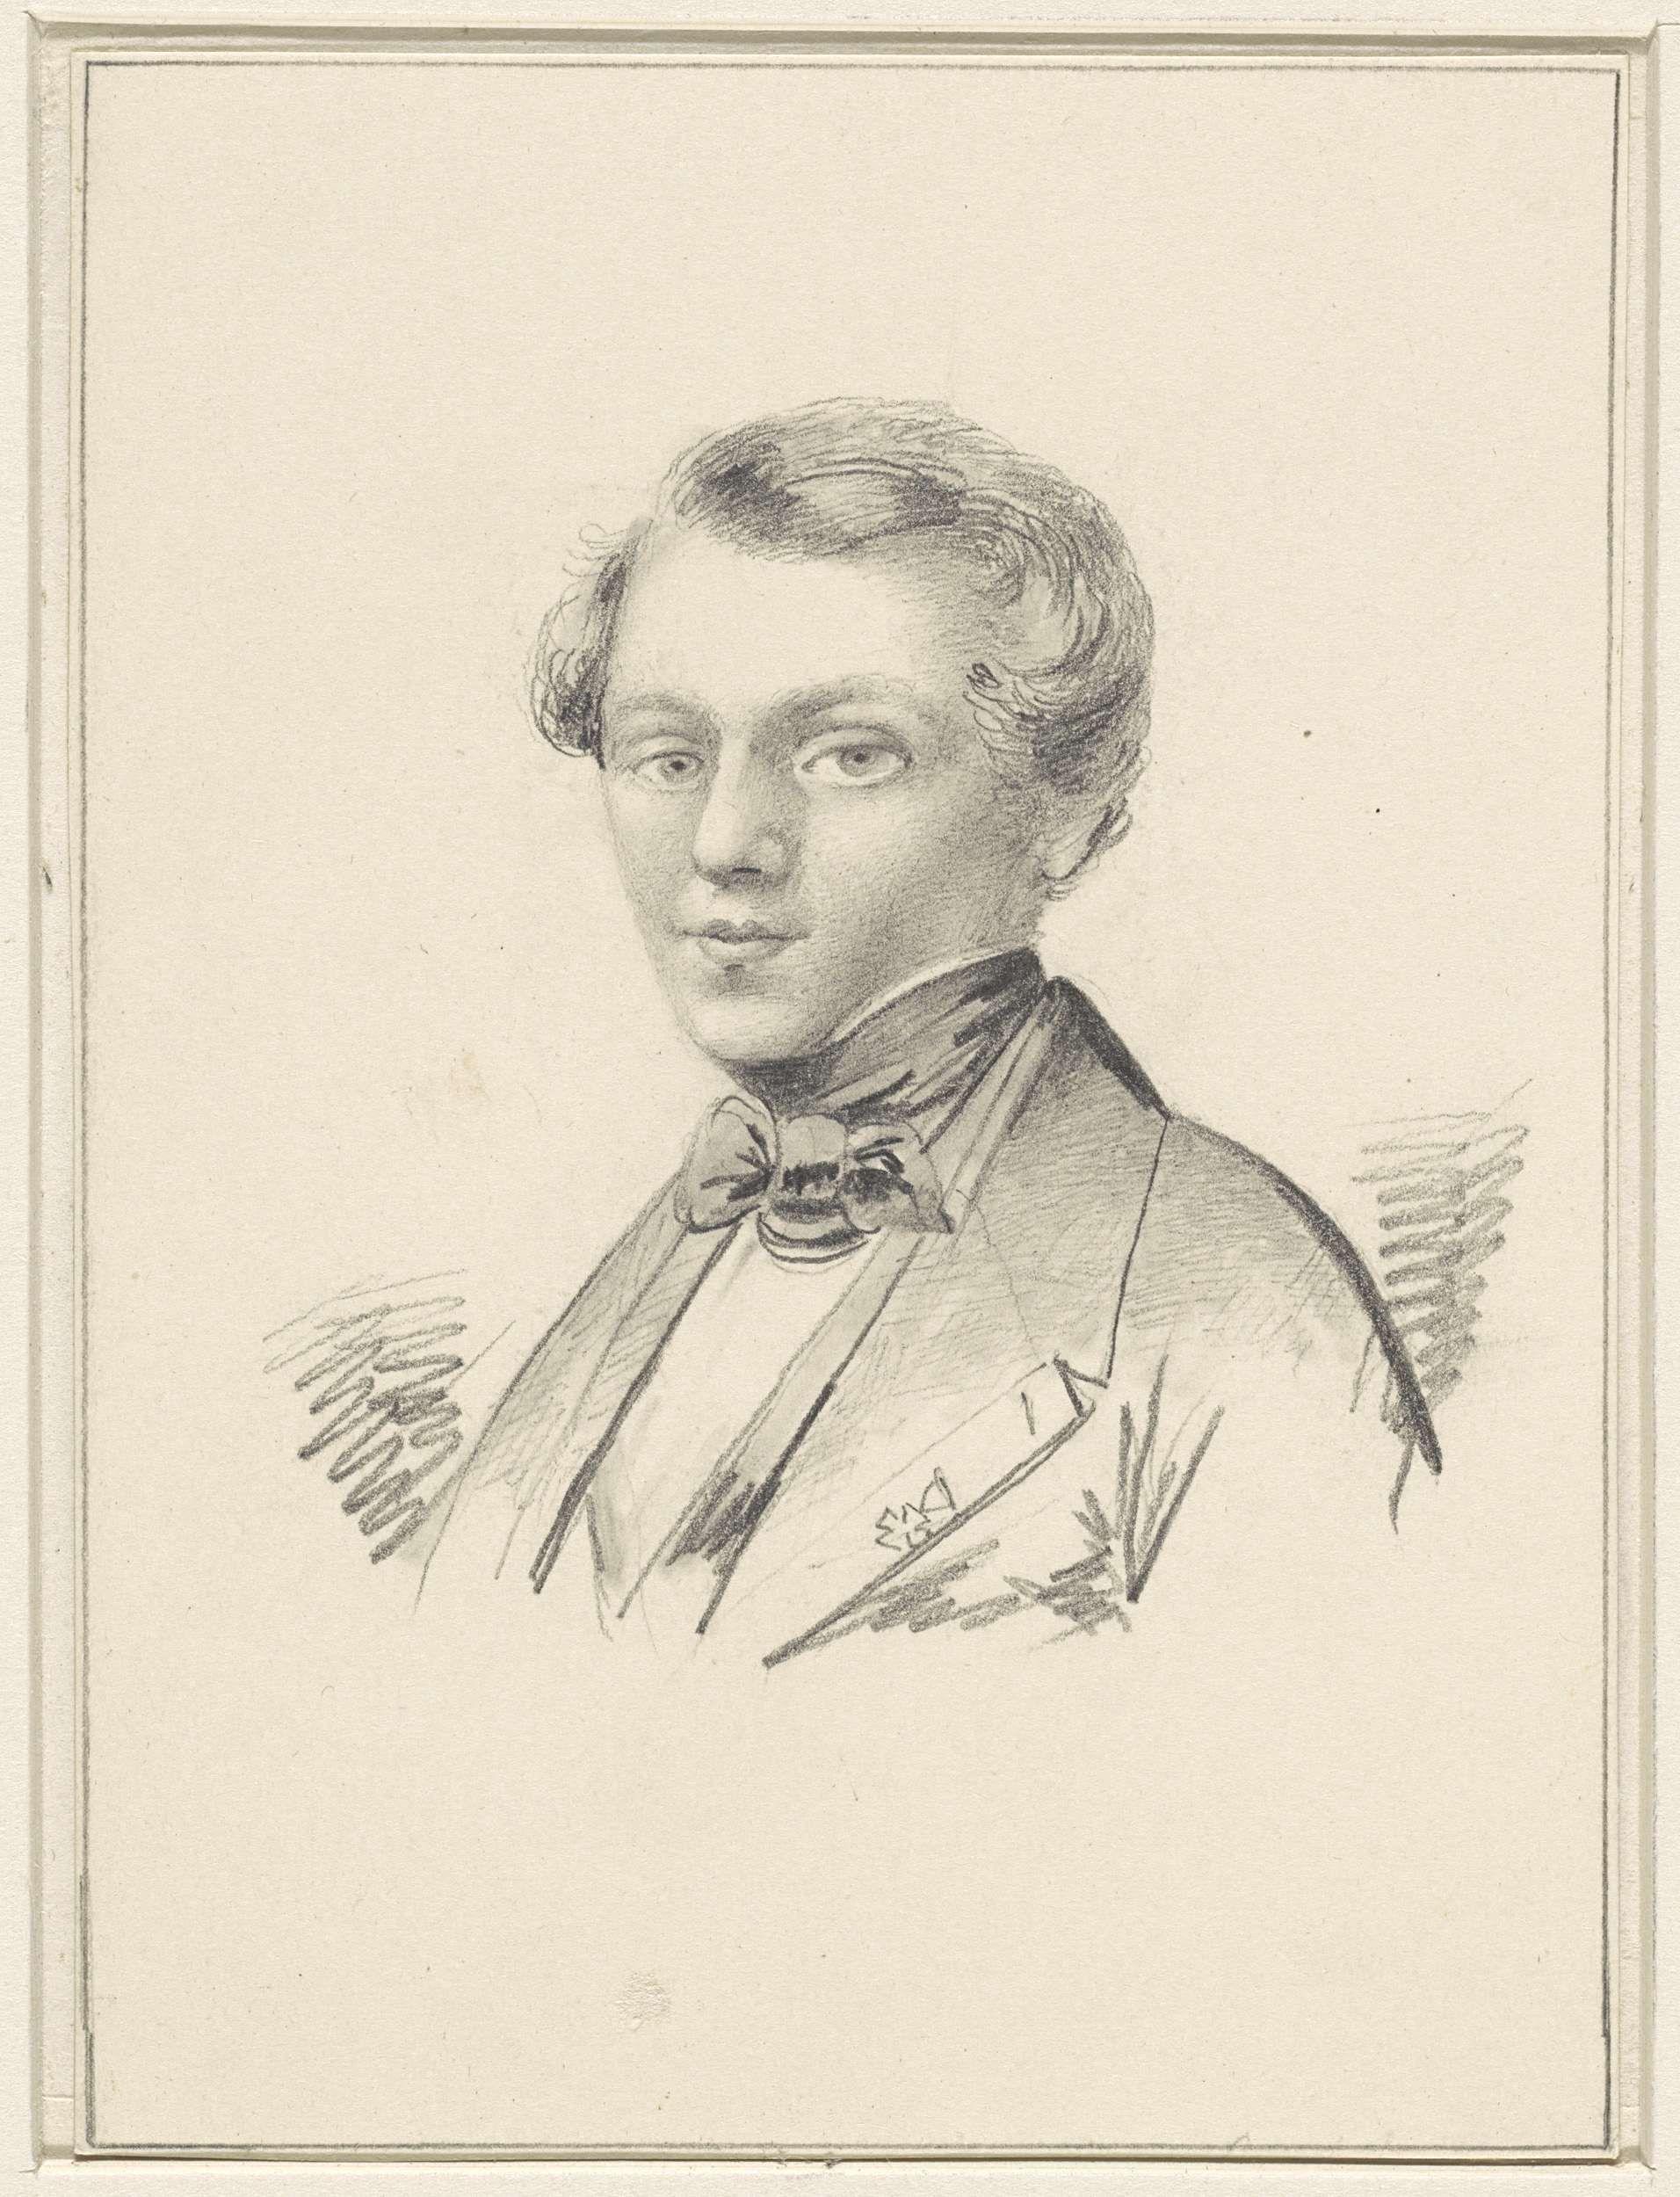 Hermanus J. Slothouwer | Zelfportret van Hermanus J. Slothouwer, Hermanus J. Slothouwer, 1819 - 1882 |